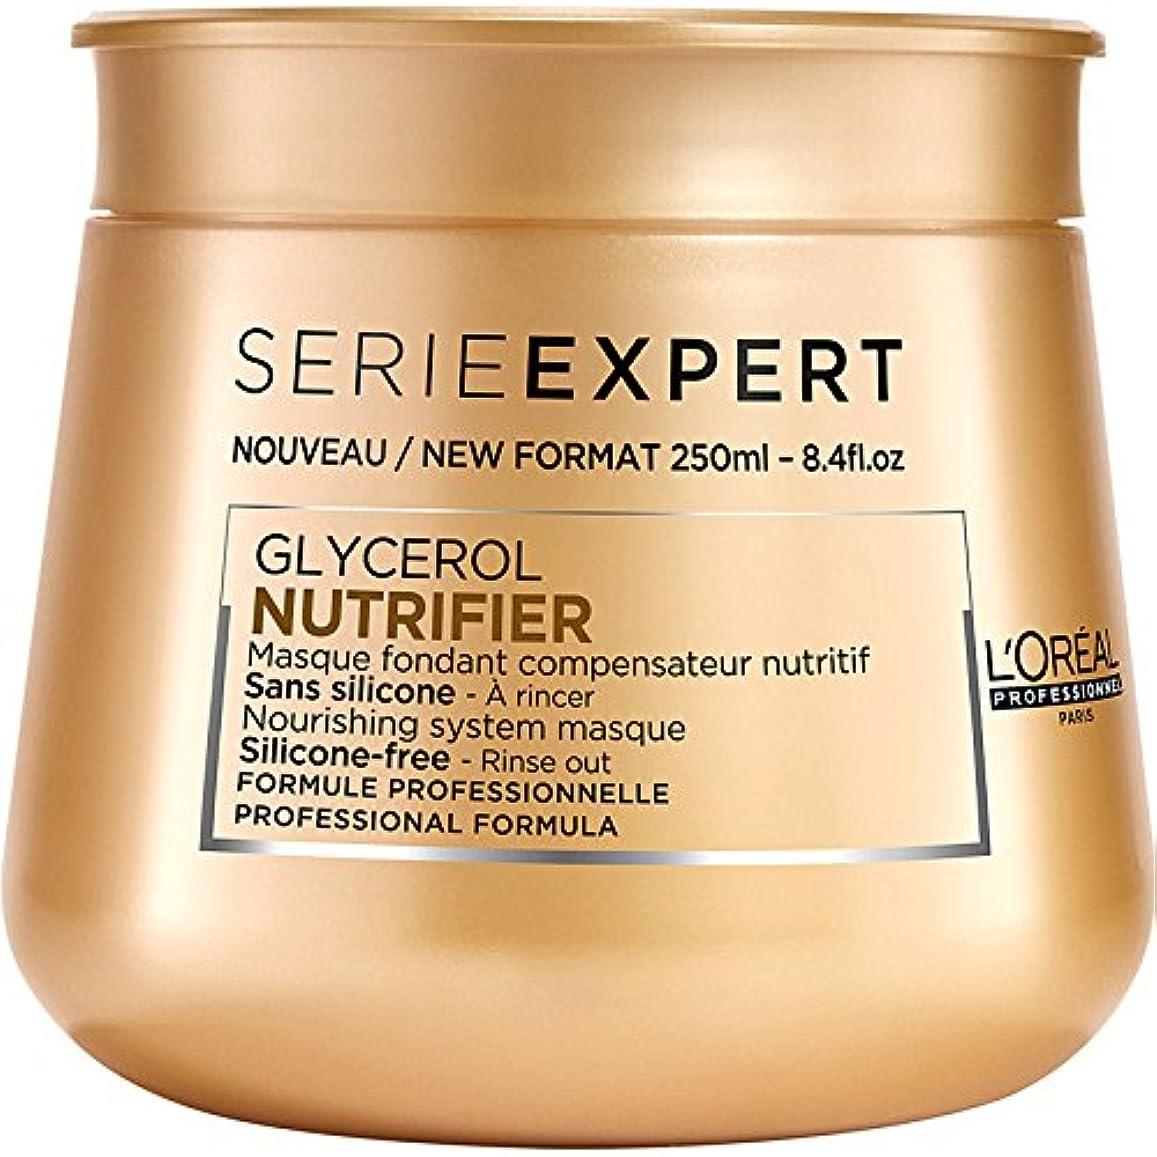 スチュワード血統とげのあるL'Oreal Serie Expert Glycerol NUTRIFIER Nourishing System Masque 250 ml [並行輸入品]